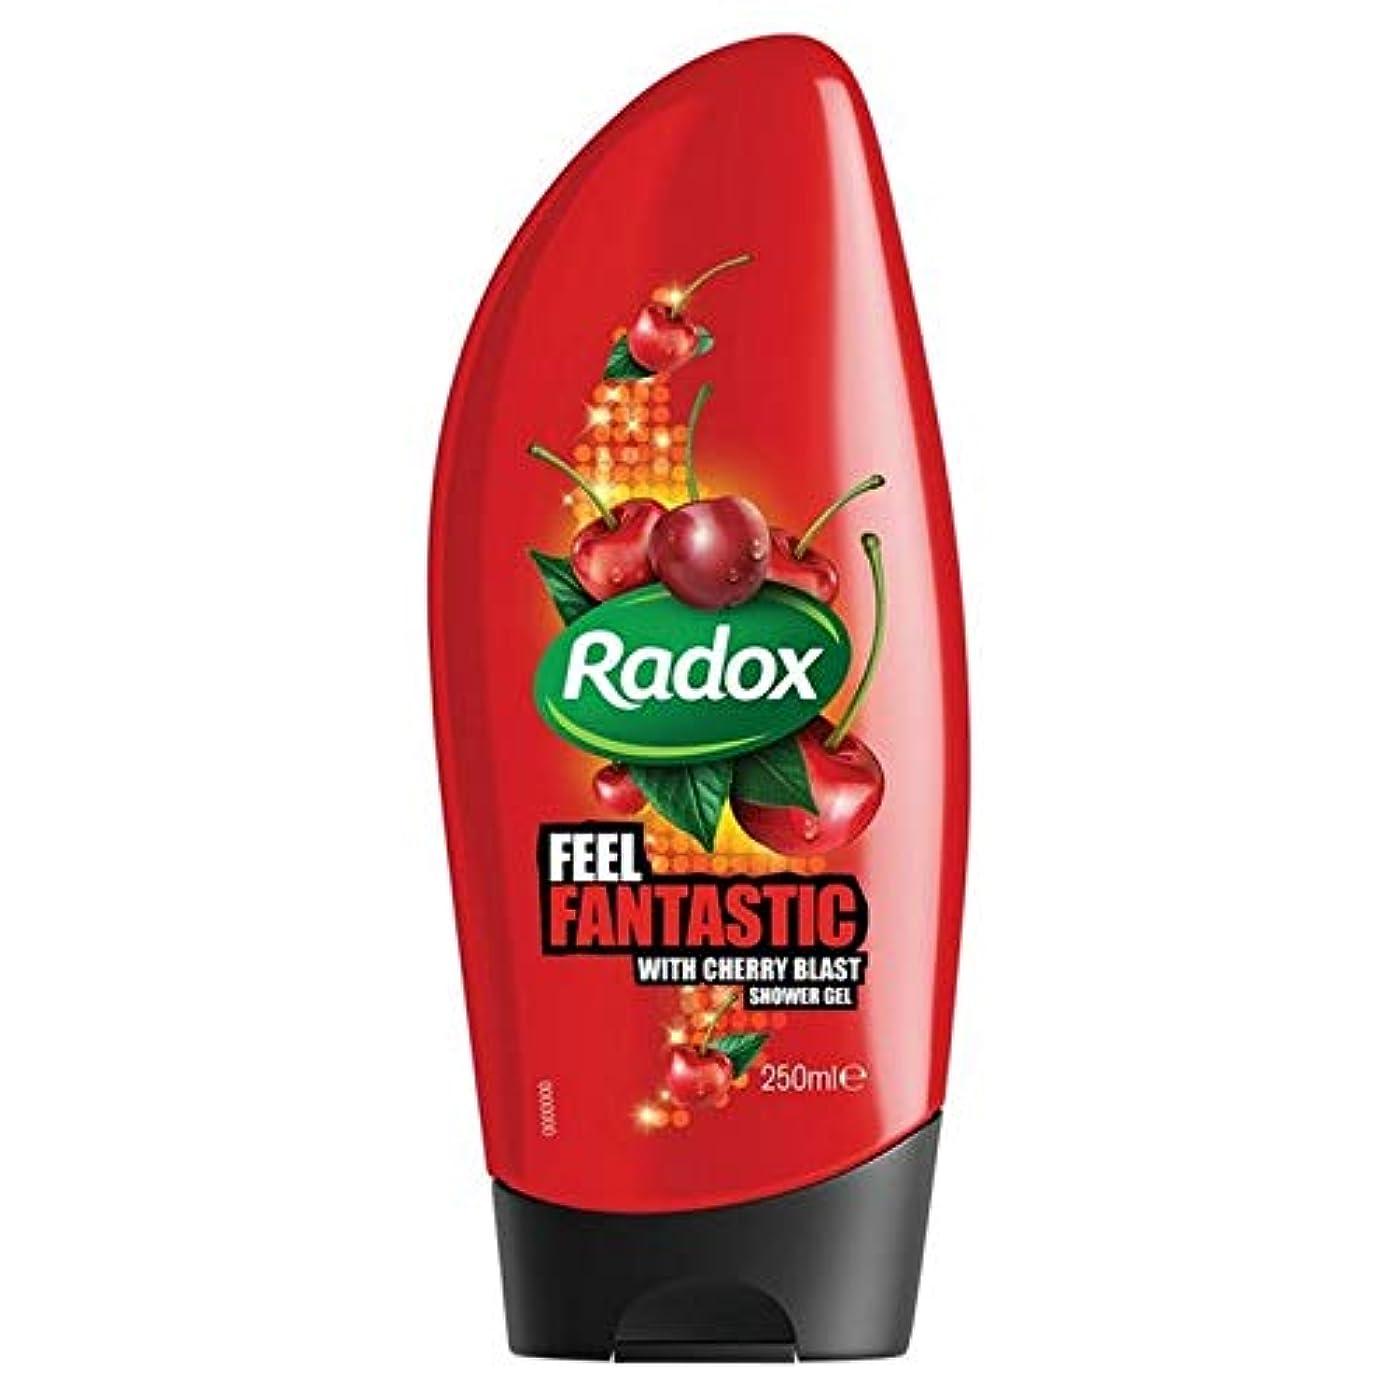 破壊的器具膨張する[Radox] Radox桜ブラストシャワージェル250ミリリットル - Radox Cherry Blast Shower Gel 250ml [並行輸入品]